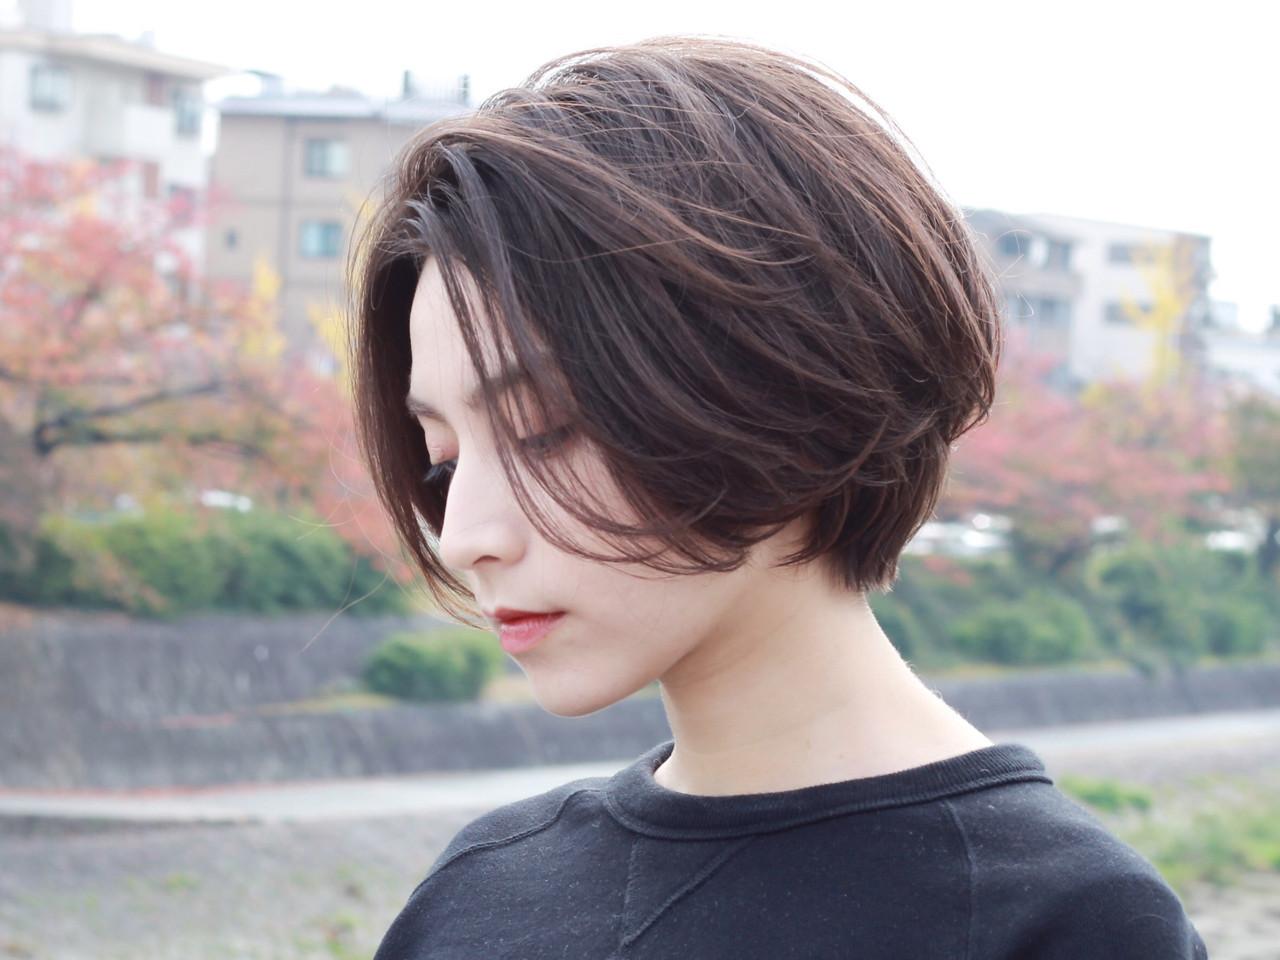 アッシュグレージュ ナチュラル グレージュ ボブ ヘアスタイルや髪型の写真・画像